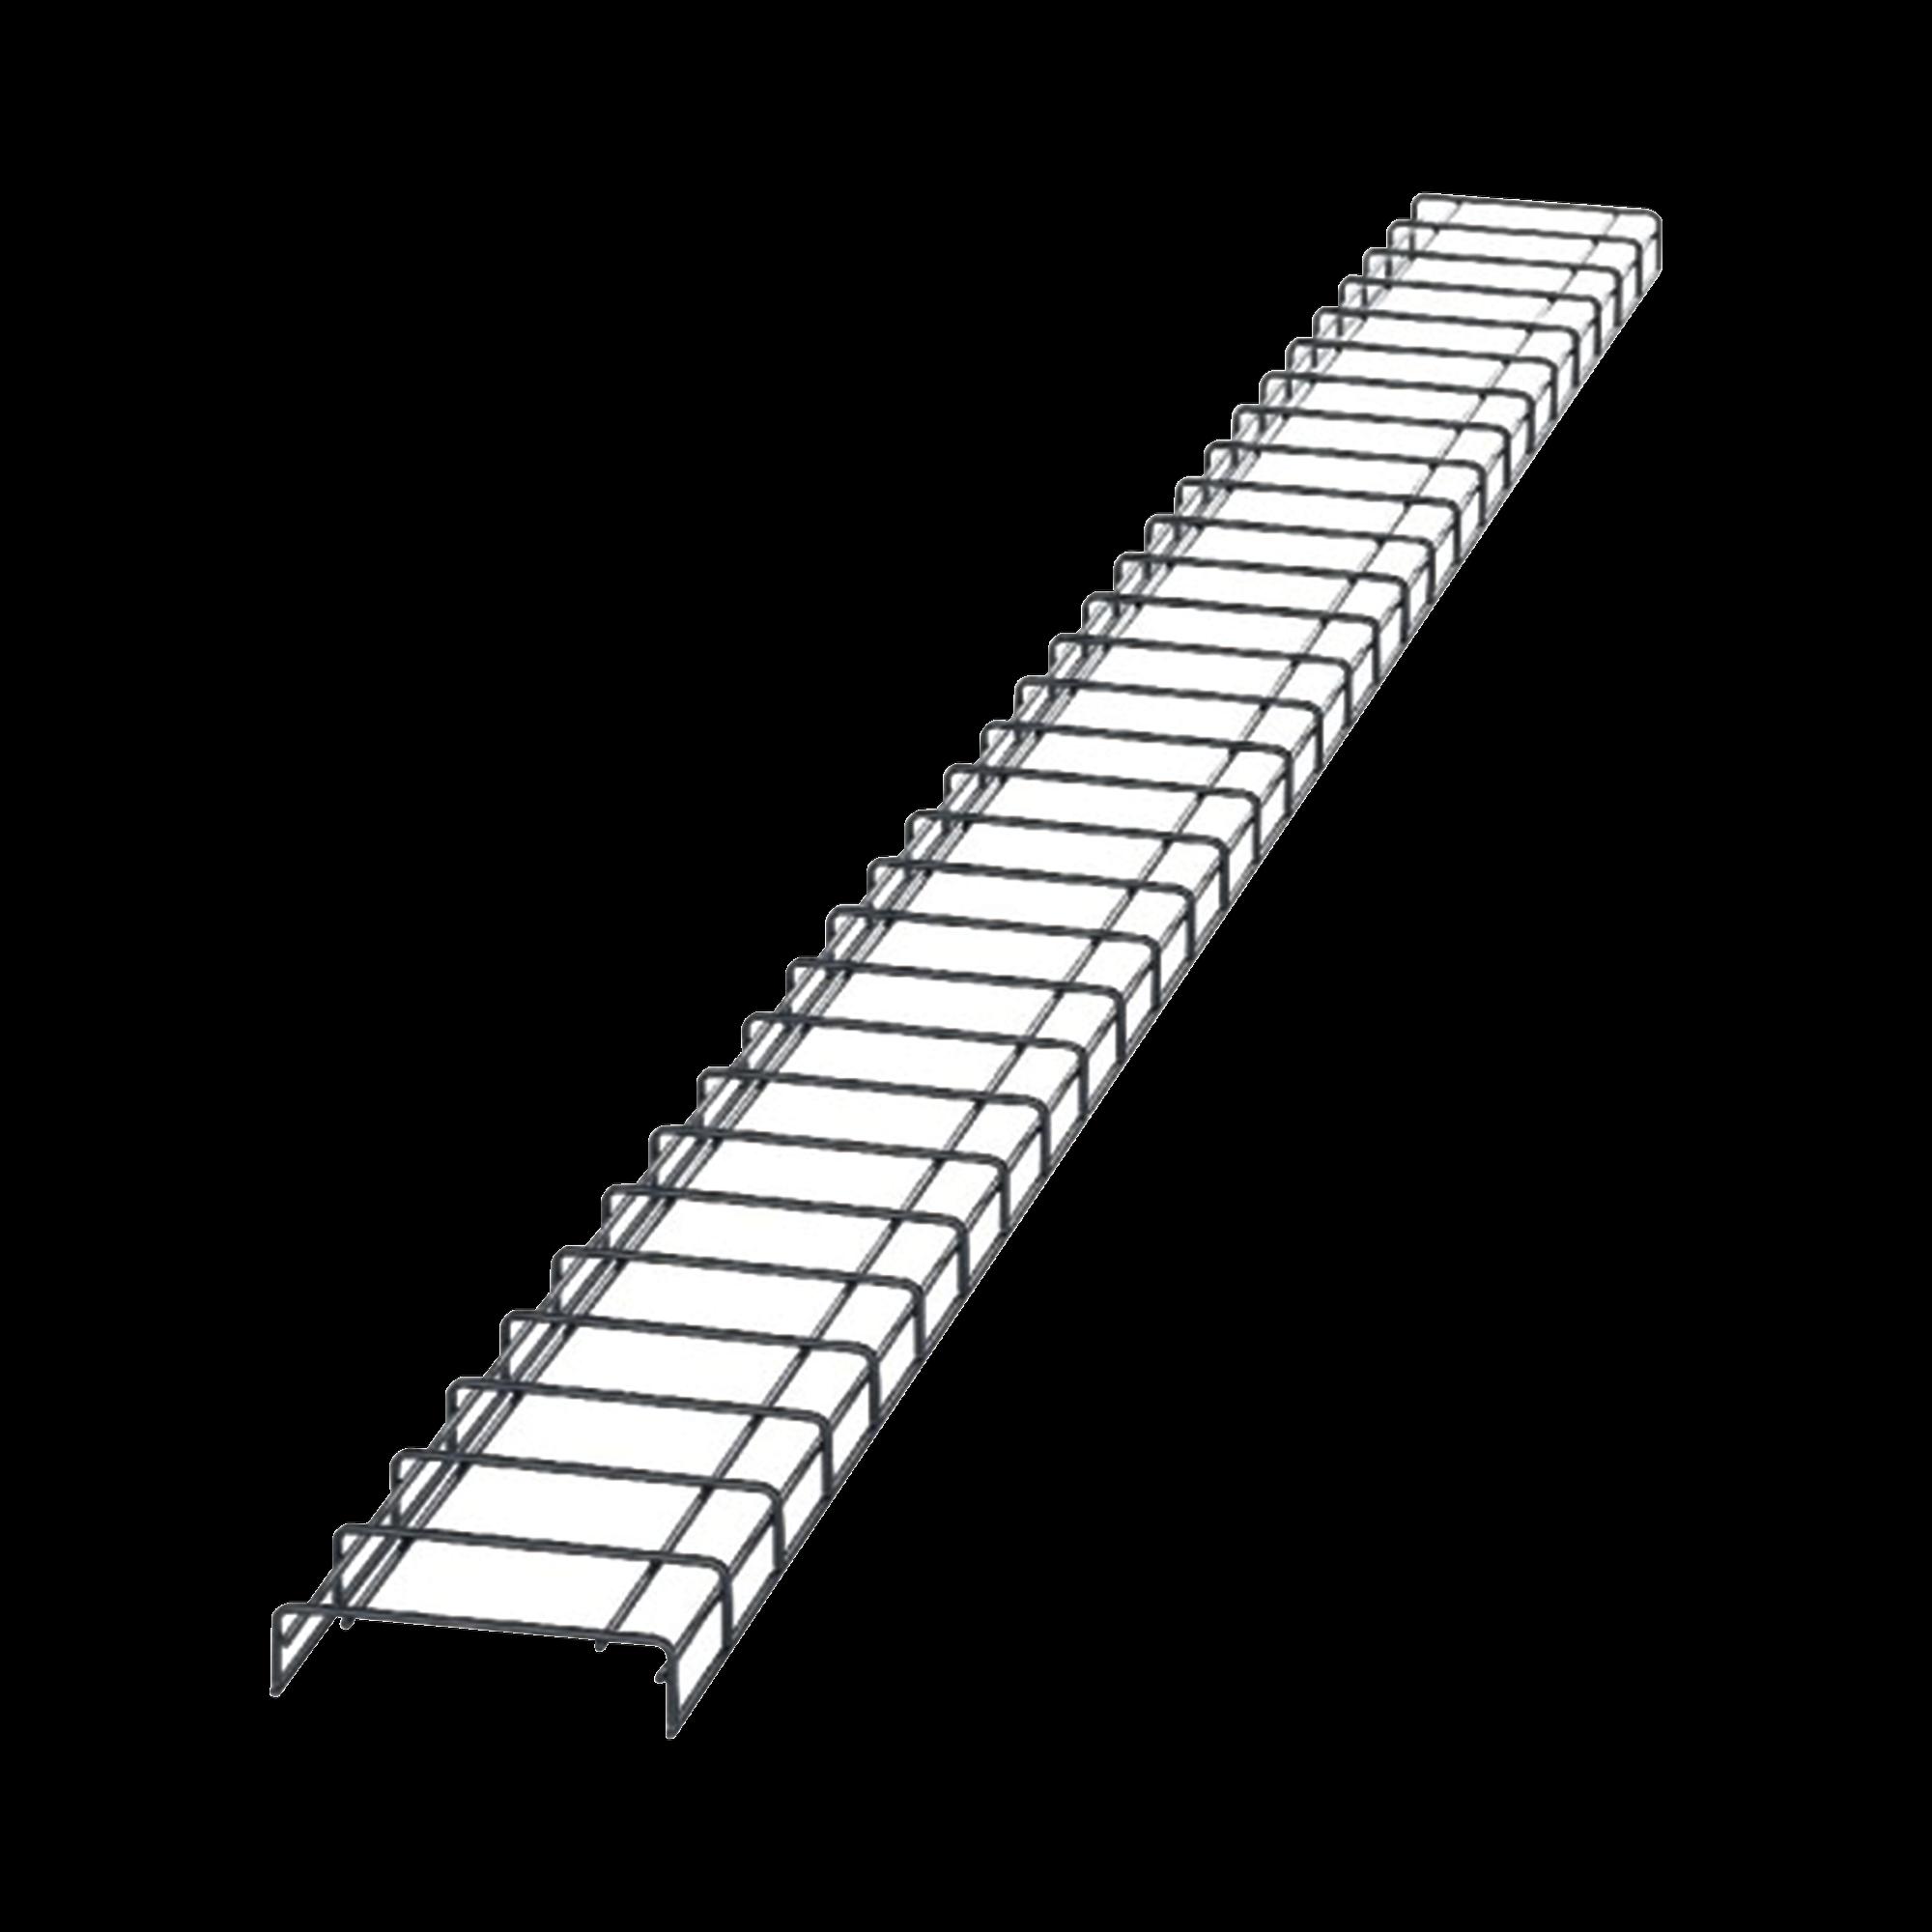 Charola para Canalización Wyr-Grid? Tipo Malla, Con Pintura Electrostática en Color Negro, 8 in (203.2 mm) de Ancho, 53.1 mm de Alto y 3 m de Largo